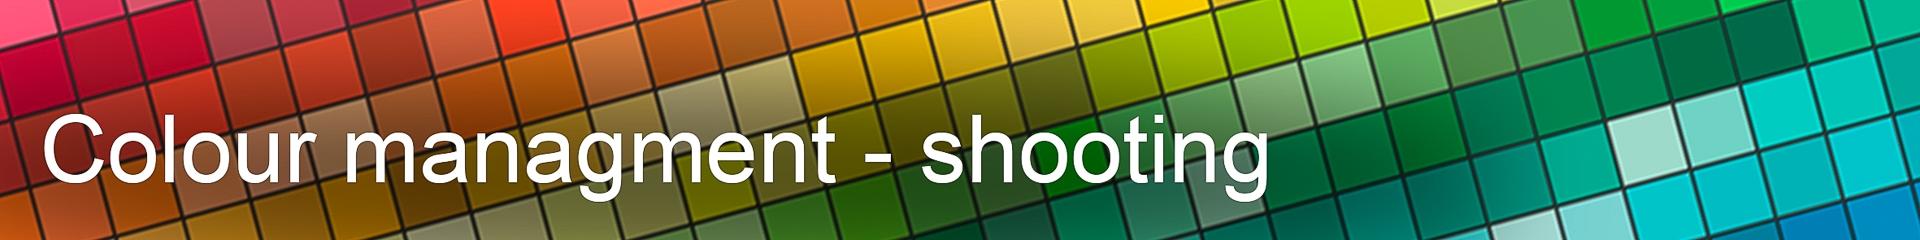 Img - 01 - Shooting